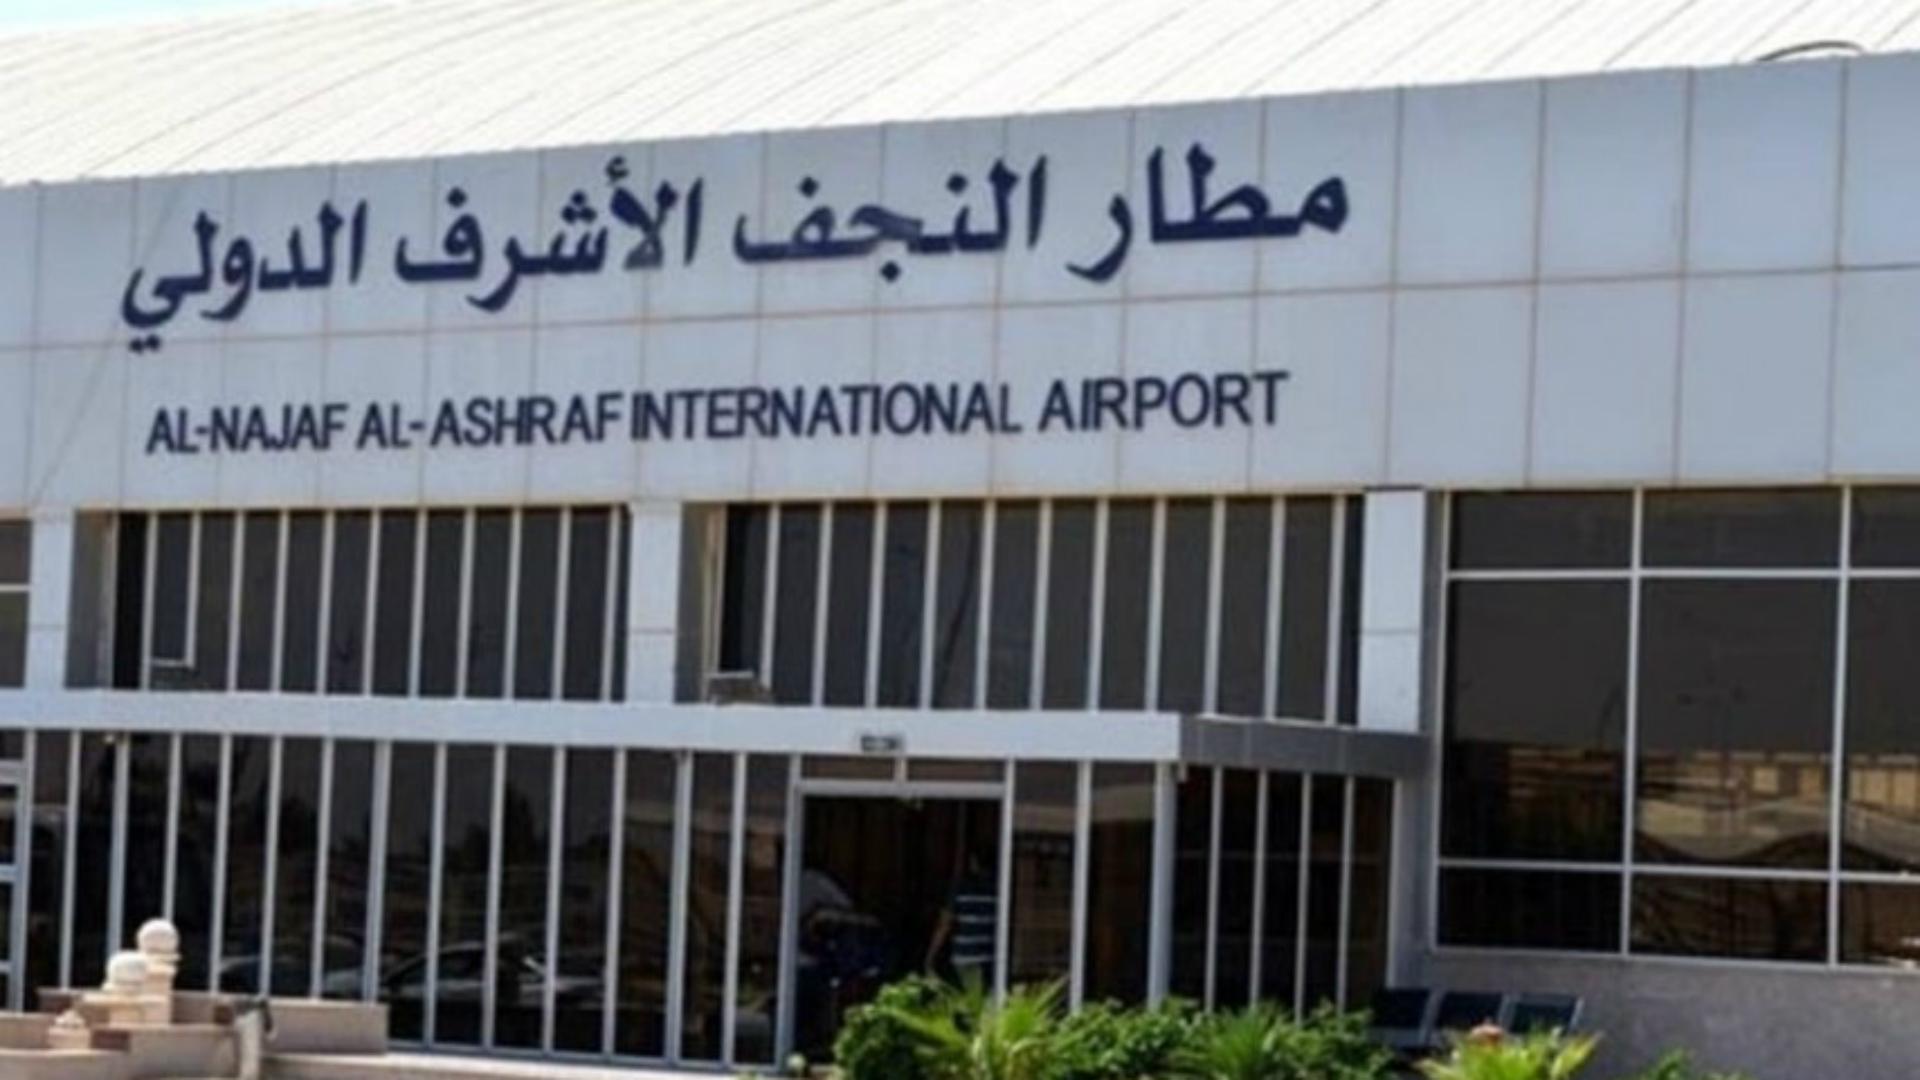 صدور مذكرة قبض ومنع سفر بحق مدير مطار النجف السابق